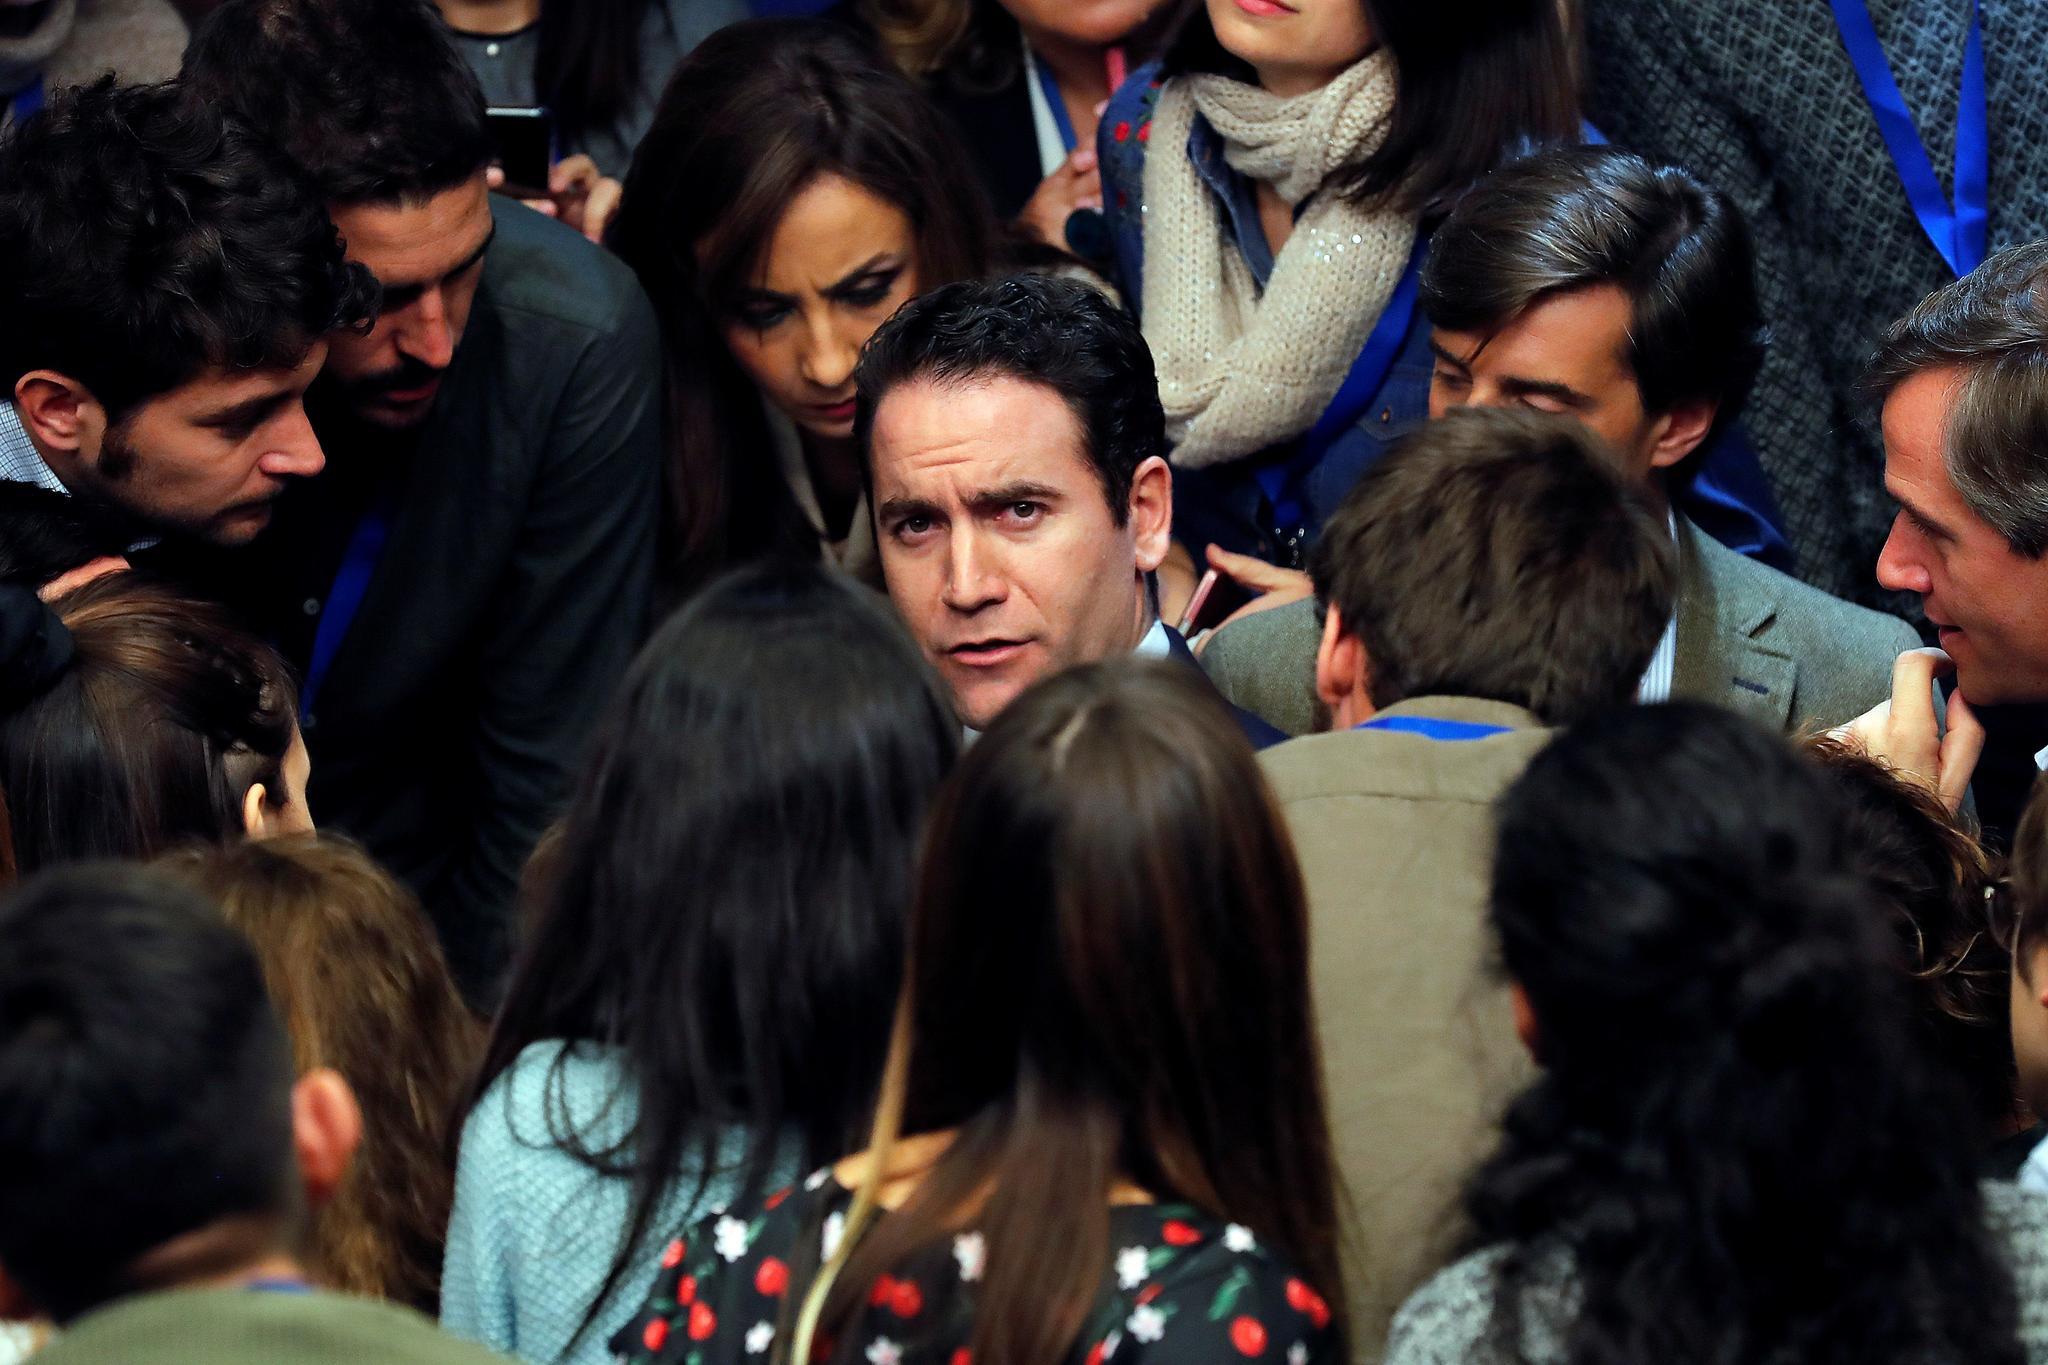 """GRAF6627. MADRID, 10/11/2019.- El secretario general del PP, Teodoro García (c), a su llegada a la sede del partido en la calle Génova de Madrid, donde ha considerado que el presidente del Gobierno en funciones, Pedro Sánchez, debería """"empezar a pensar en irse"""" y no presentarse como candidato a la investidura si se confirman los resultados de las encuestas que dan una bajada de escaños al <HIT>PSOE</HIT>. EFE/ Chema Moya"""